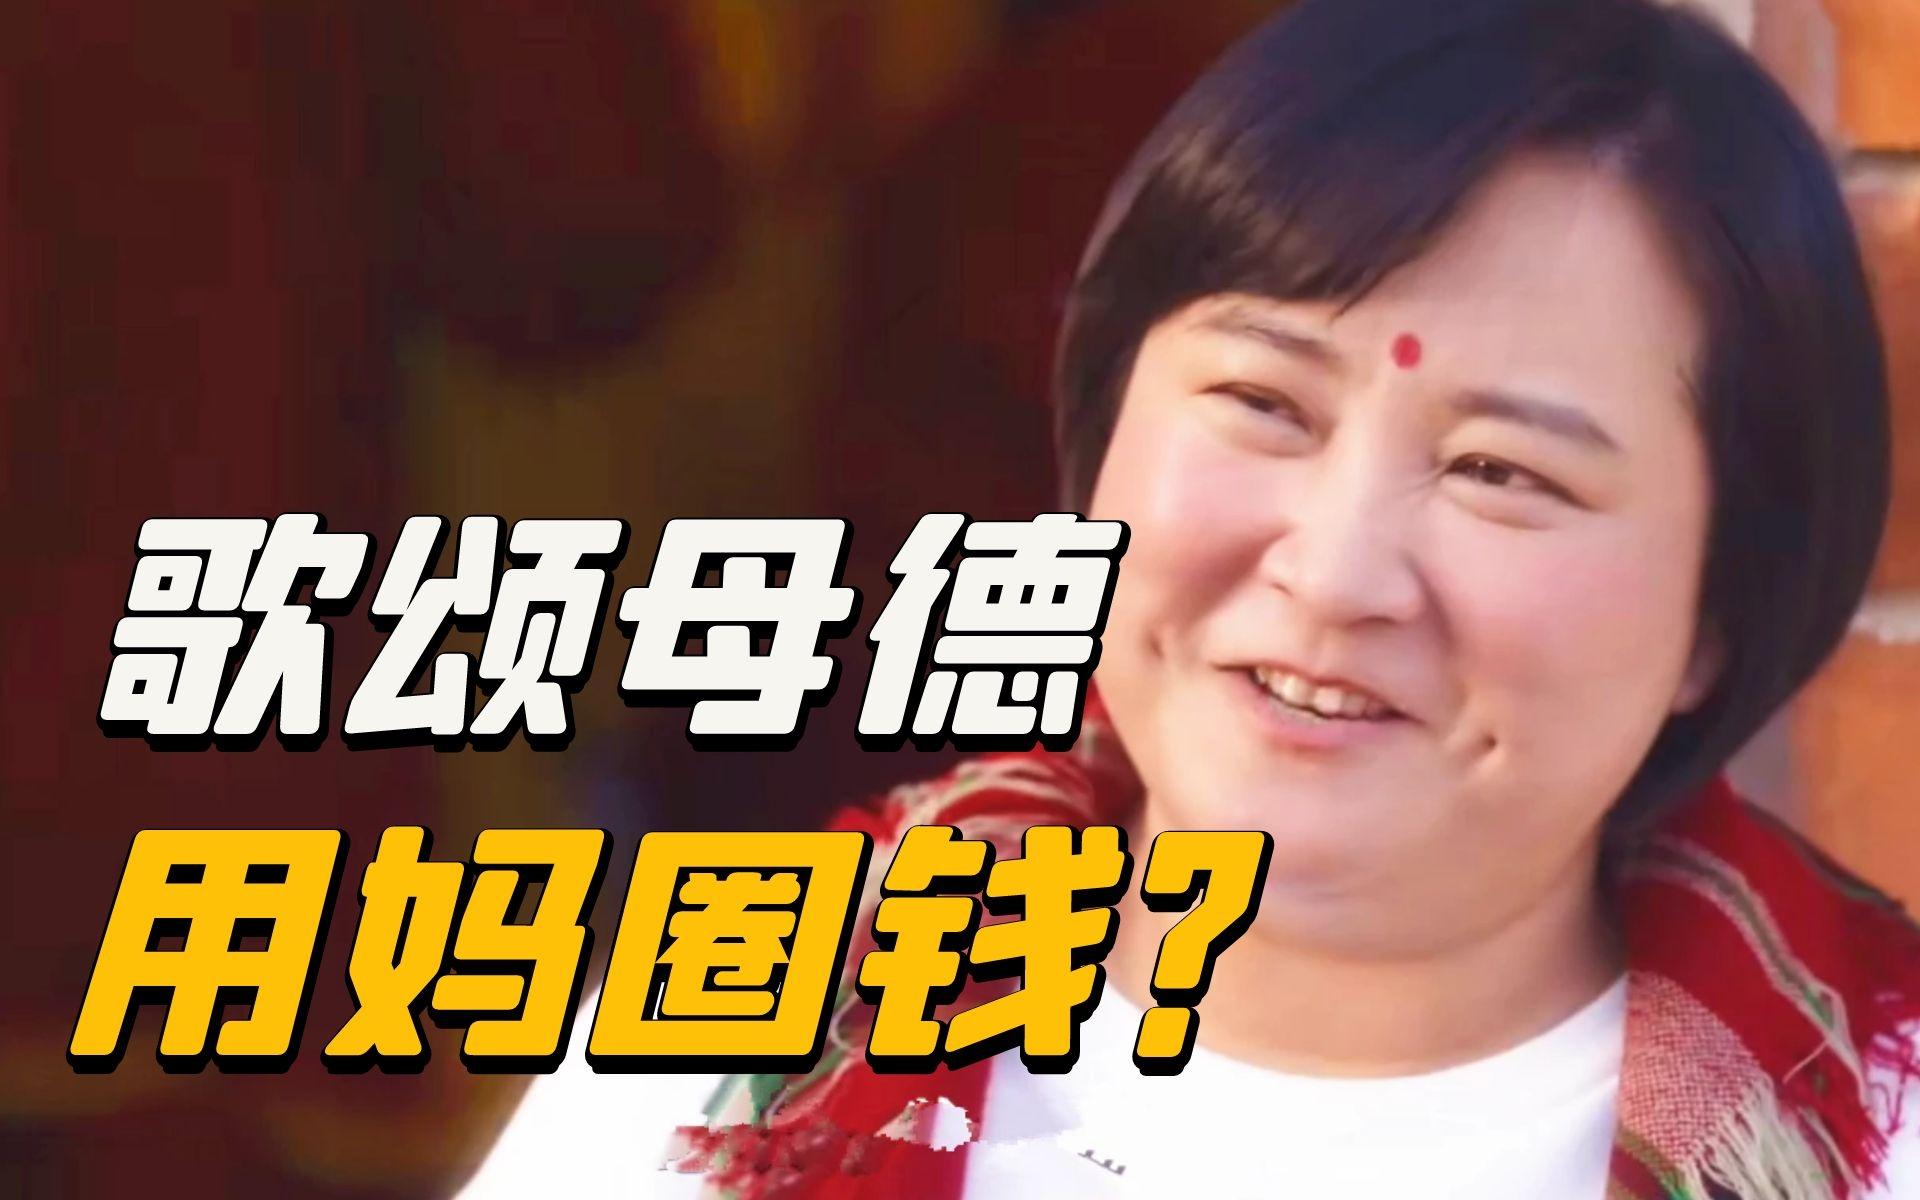 哭着下跪的贾玲无法预知的恶评!为何有人怒骂《你好,李焕英》?